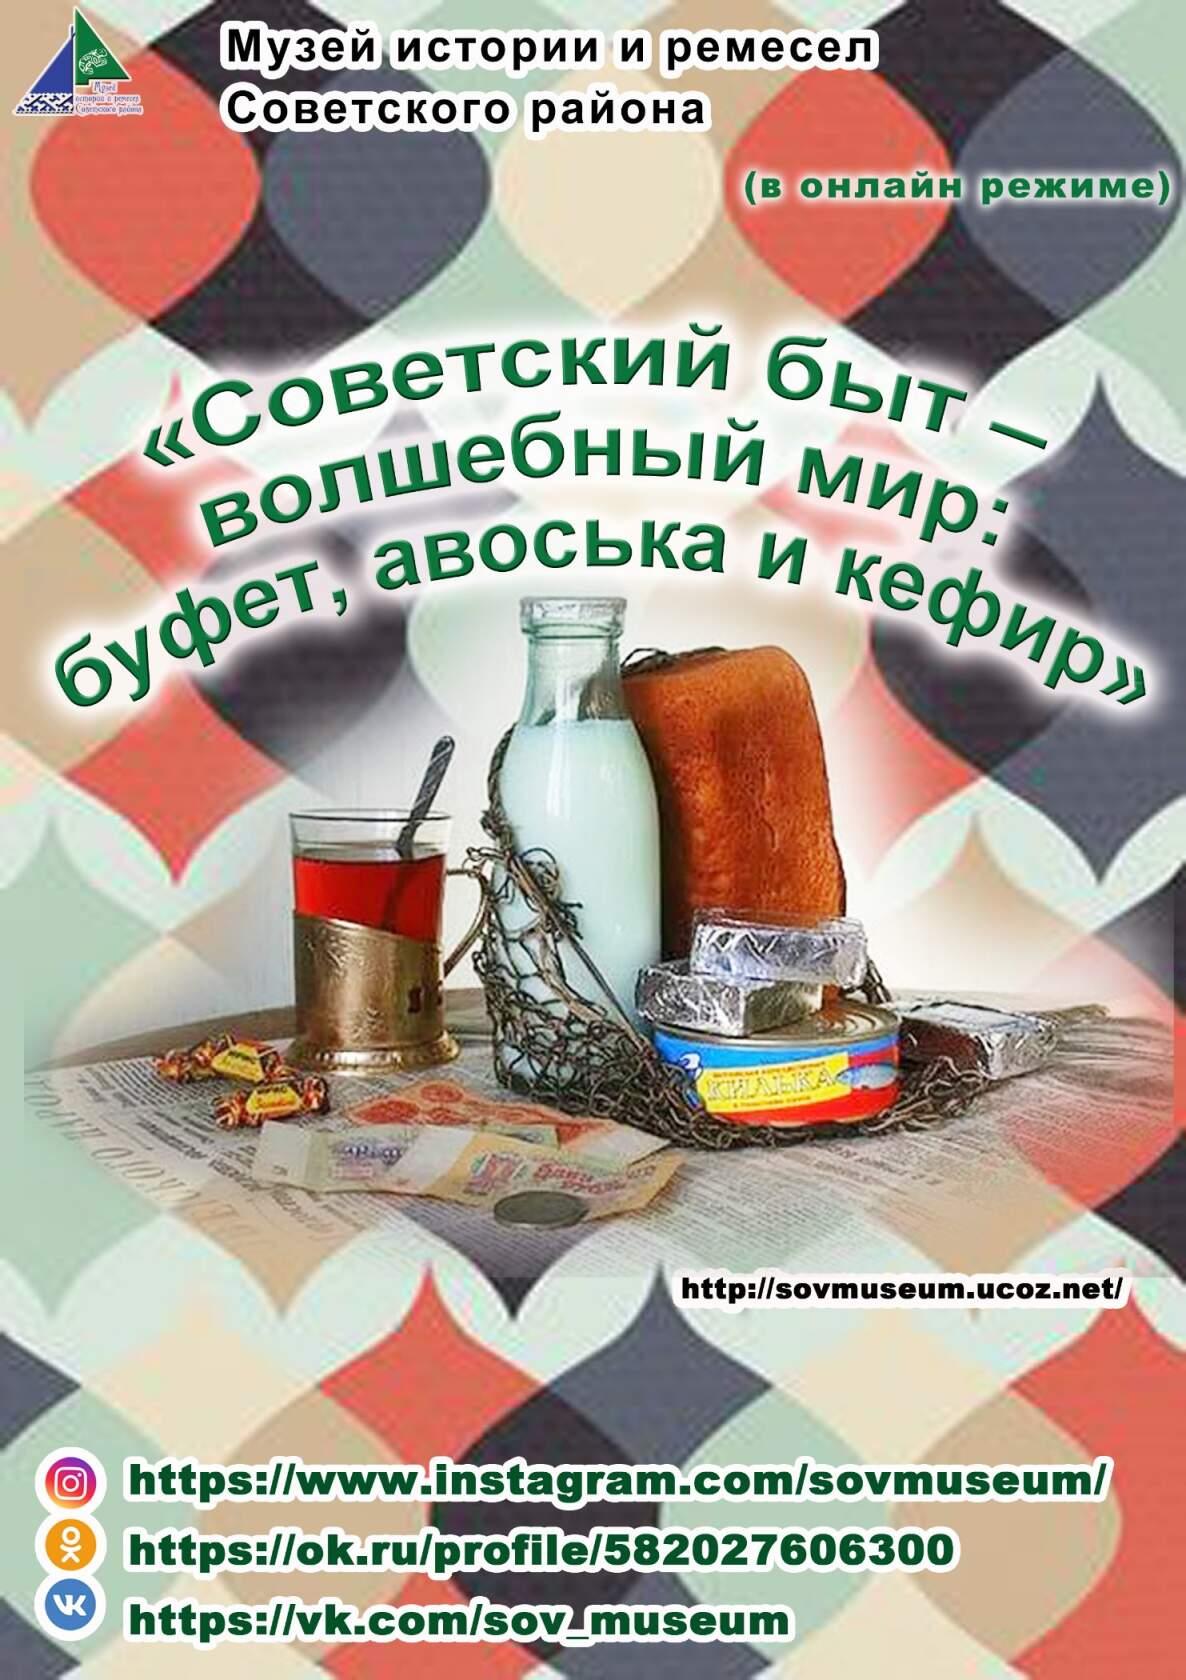 Советский быт - волшебный мир: буфет, авоська и кефир